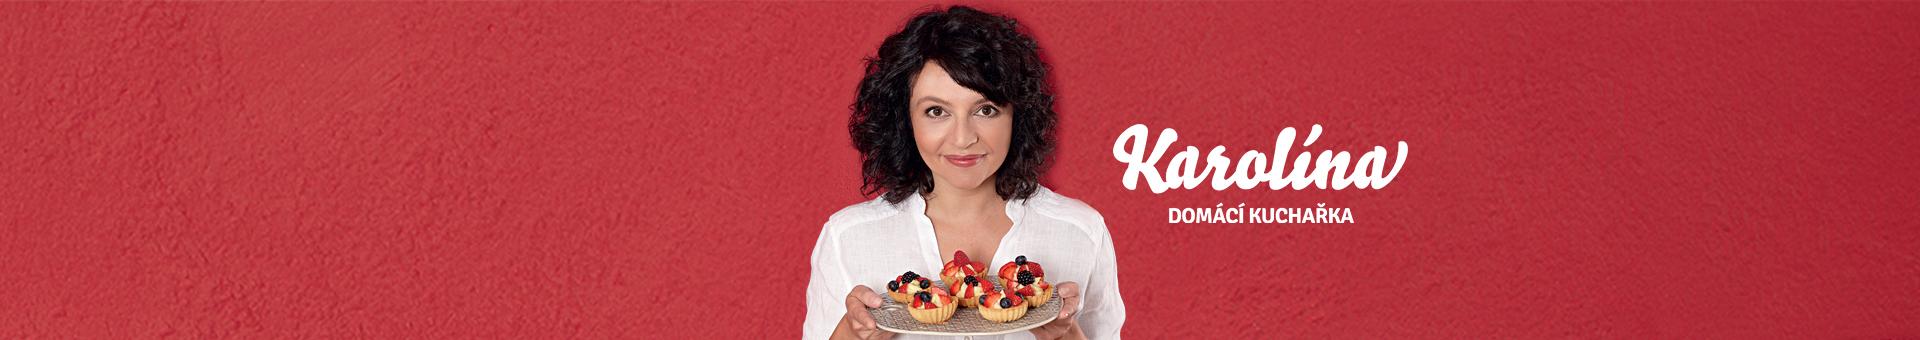 COVER. Karolína domácí kuchařka finál